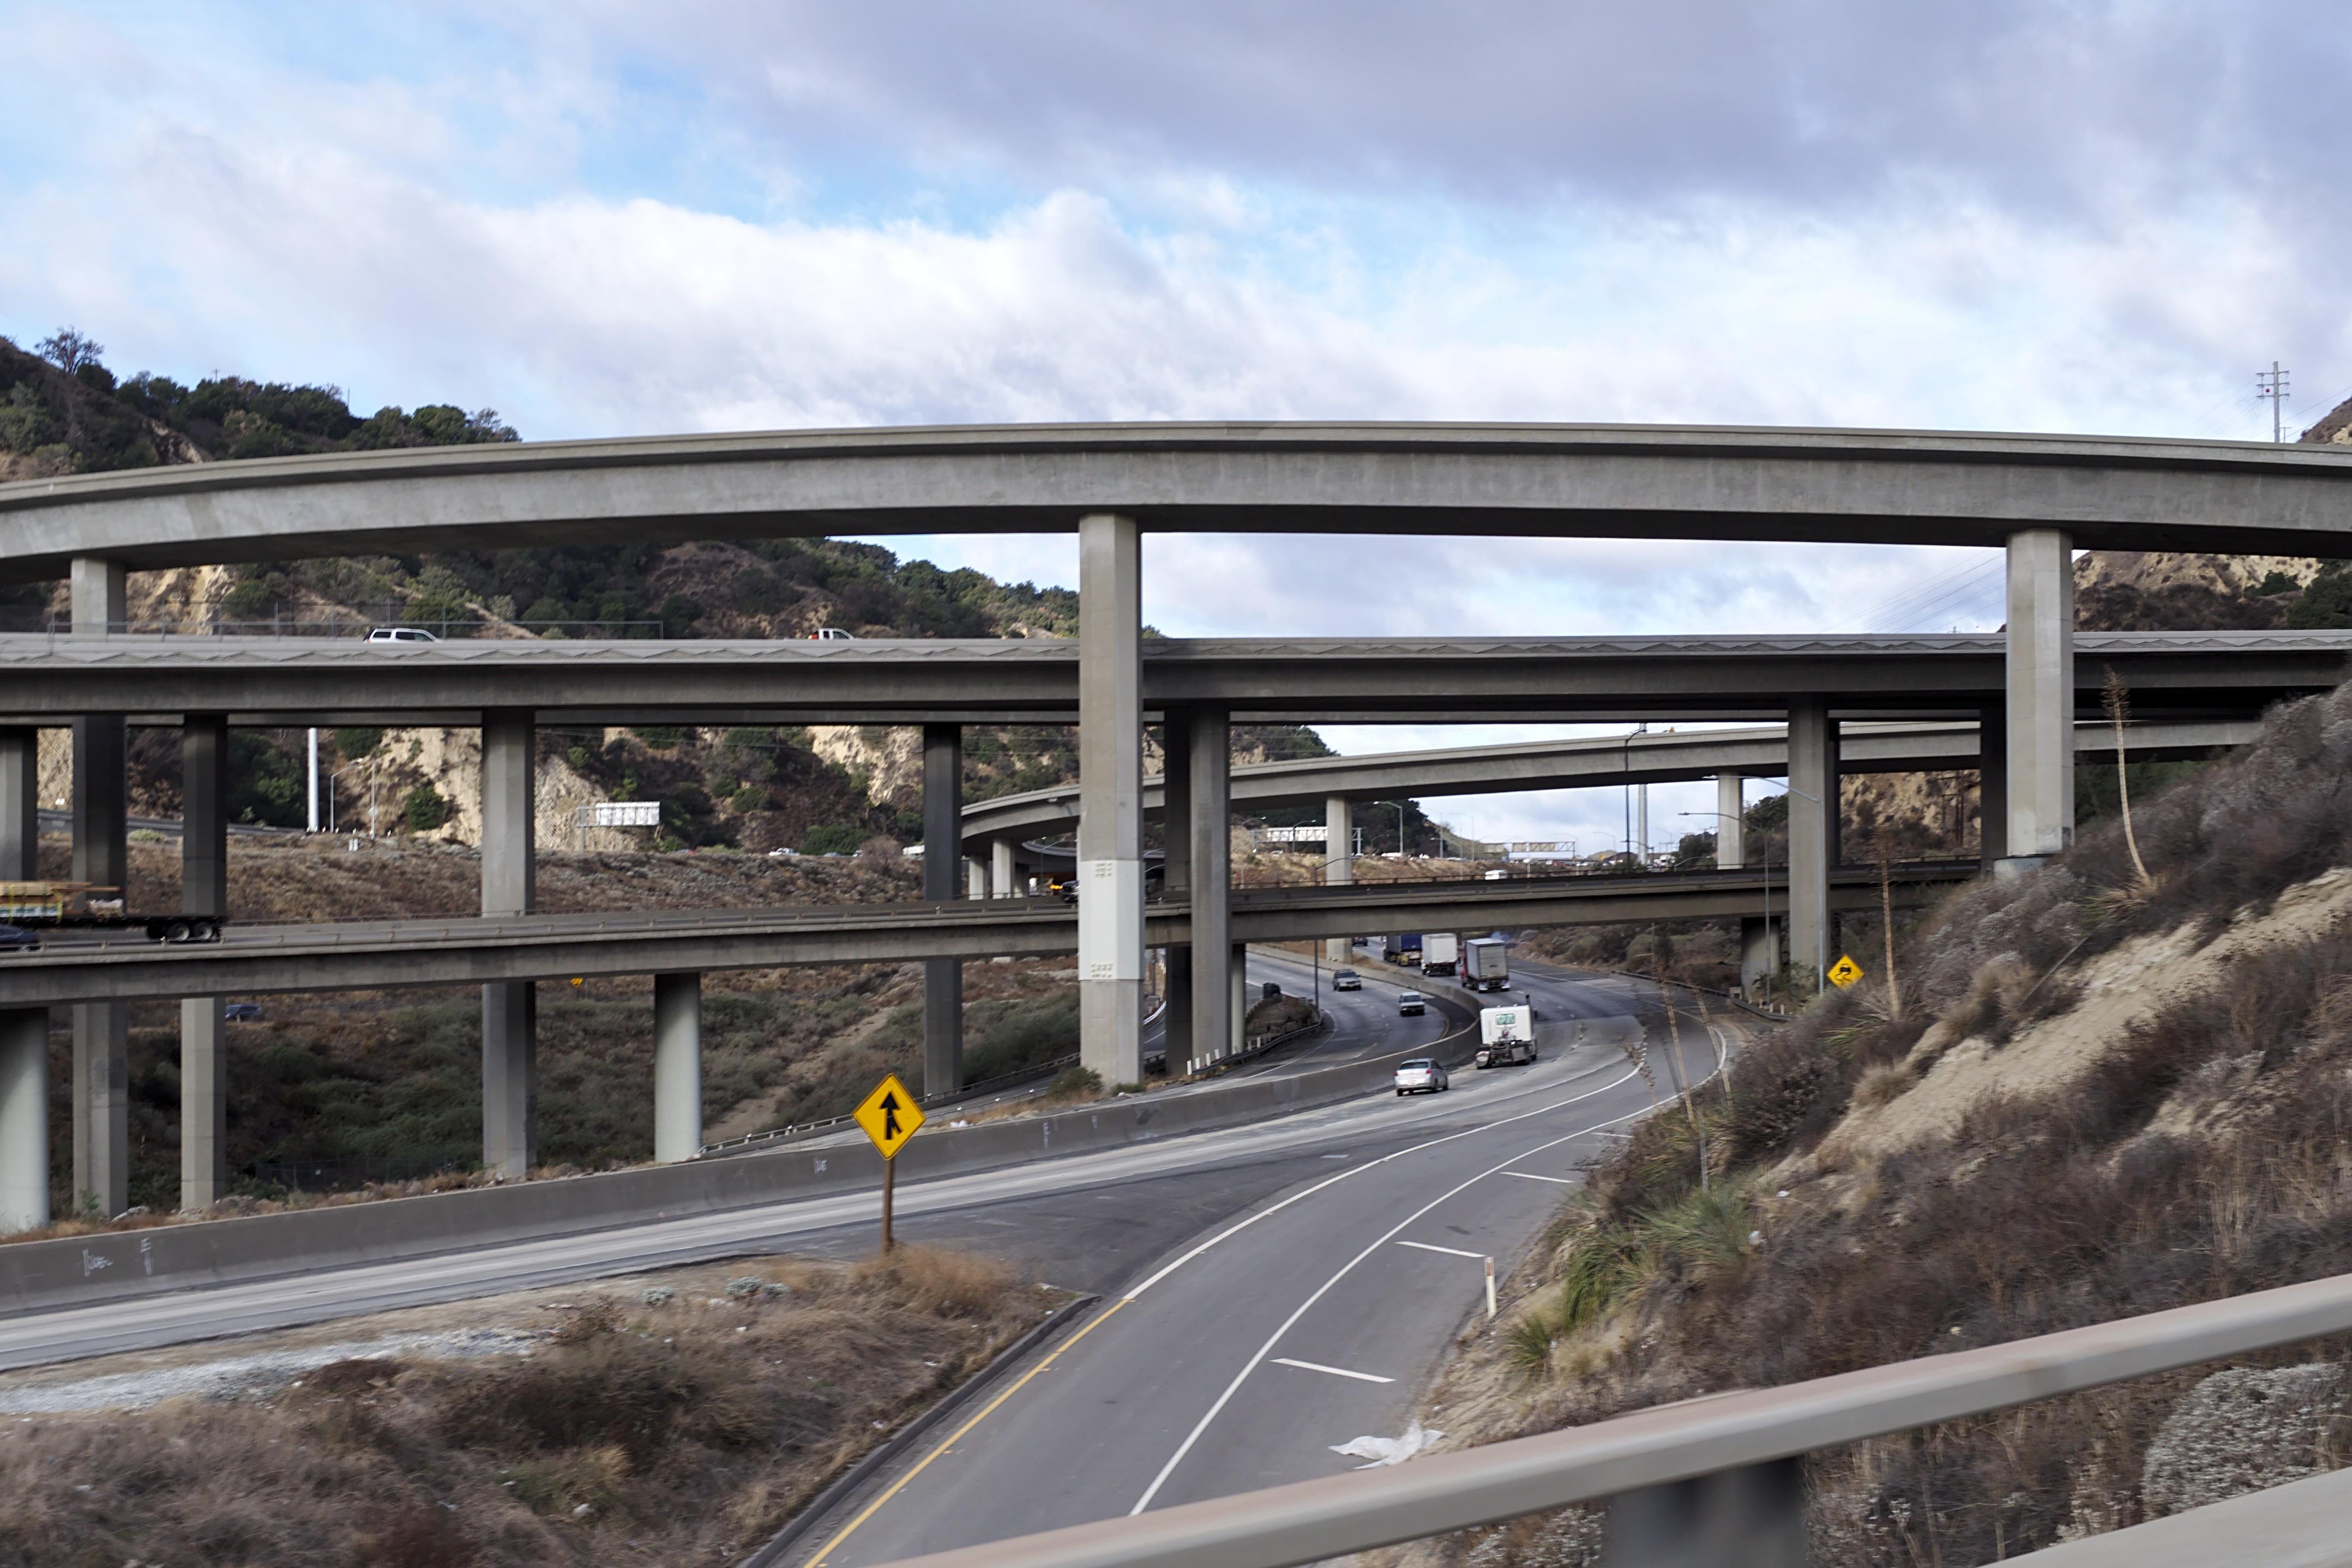 Newhall Pass interchange - Wikipedia